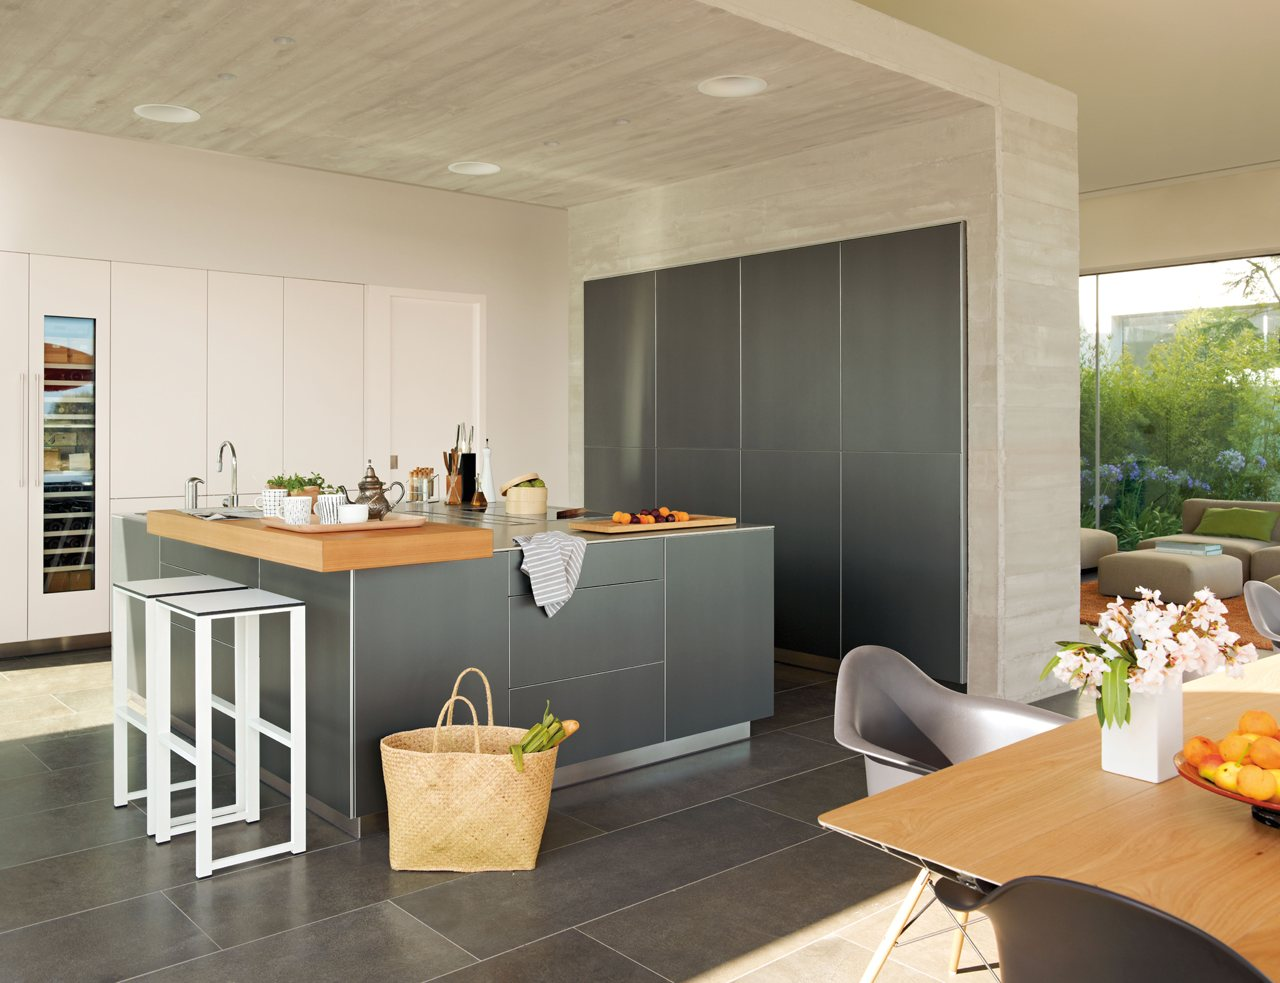 Una cocina fundida con el exterior for Mueble isla cocina